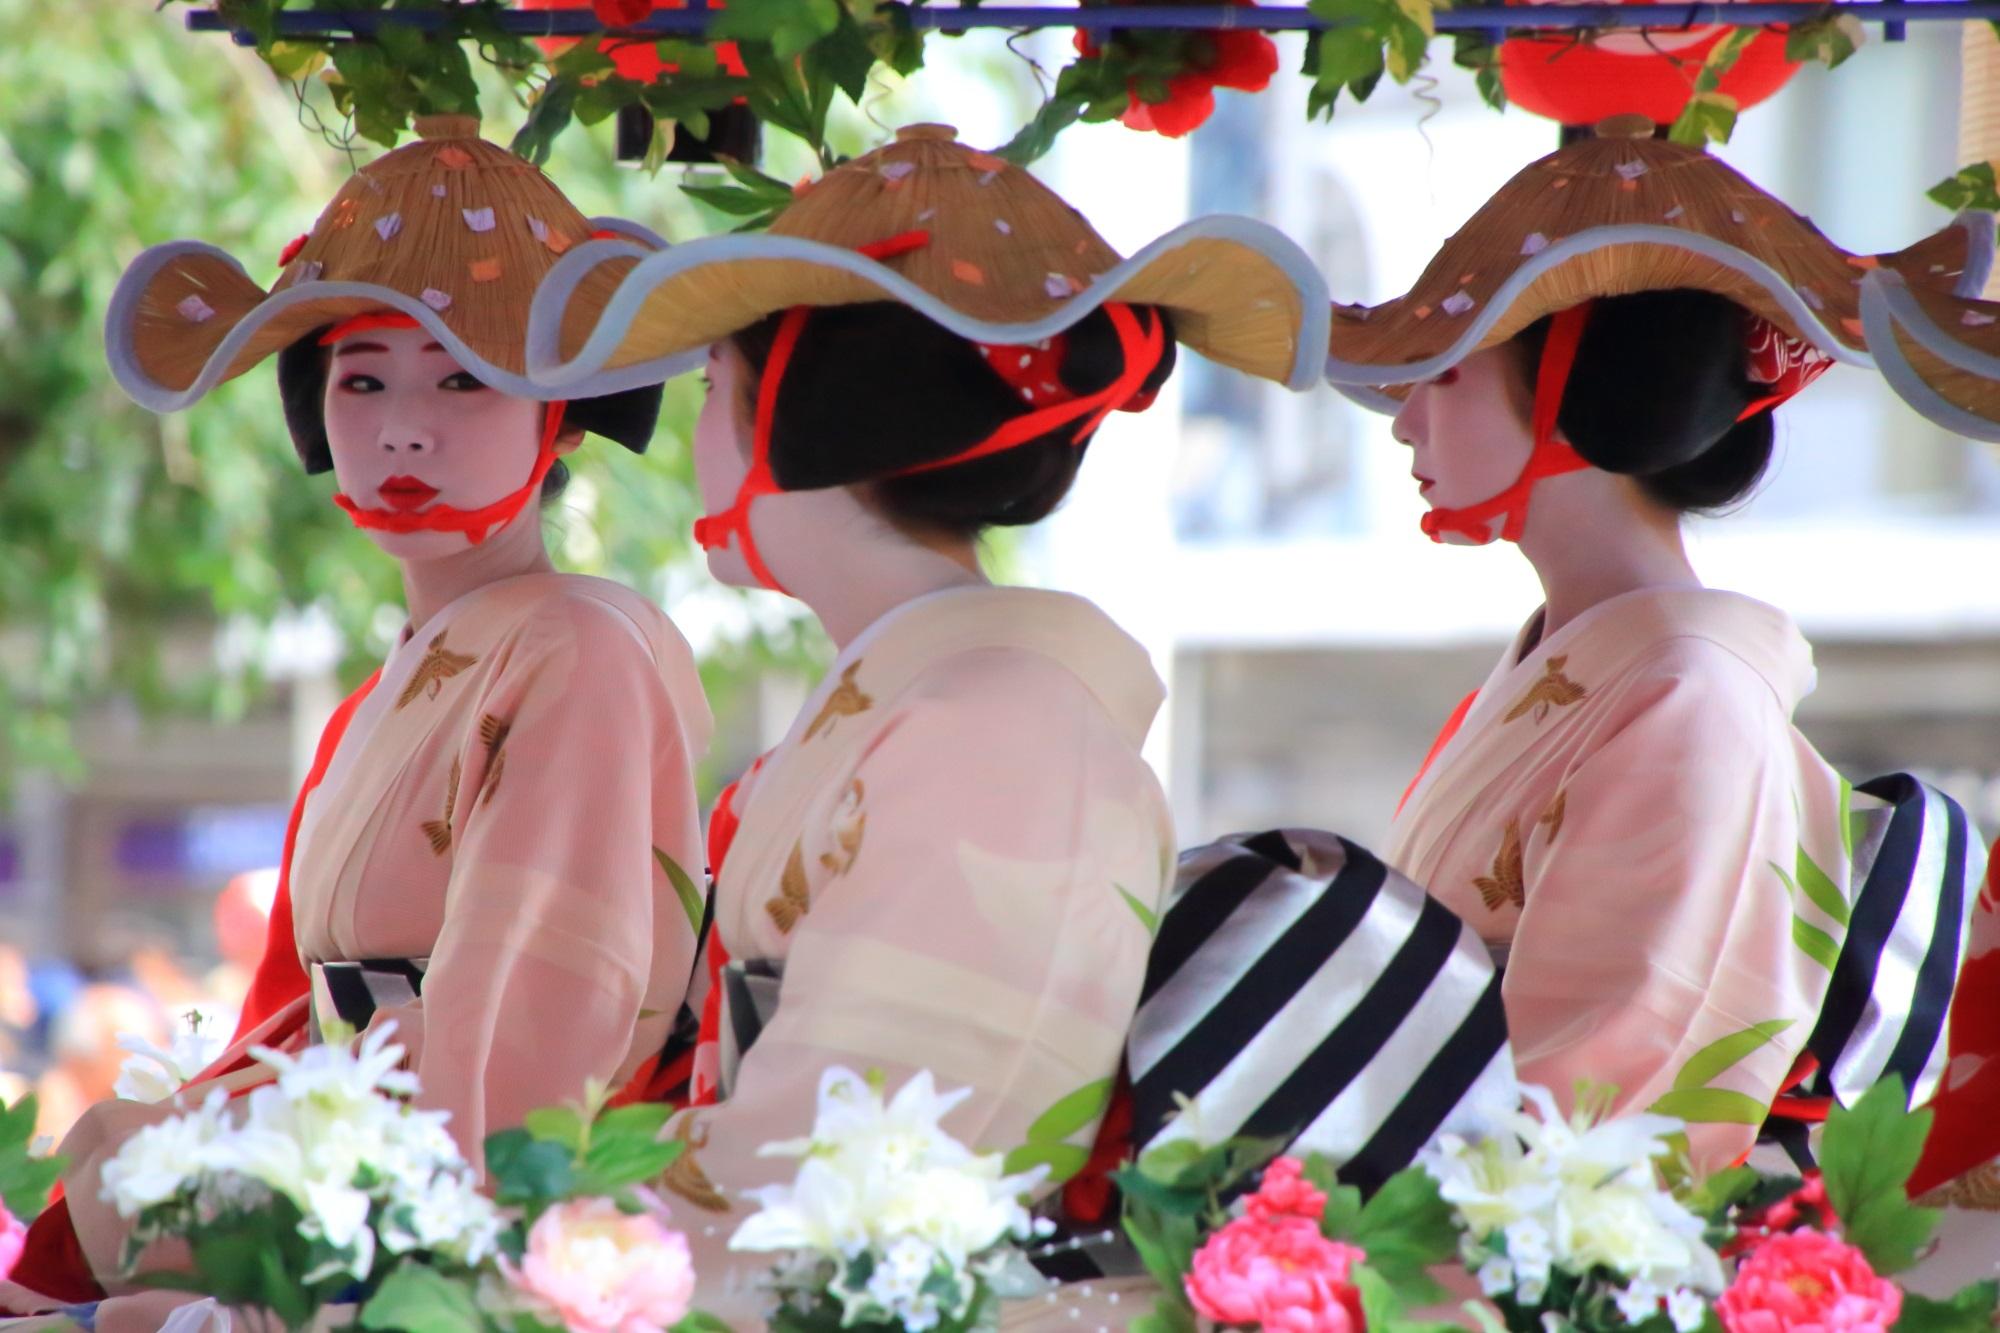 祇園祭の花傘巡行の舞妓さん(祇園甲部)